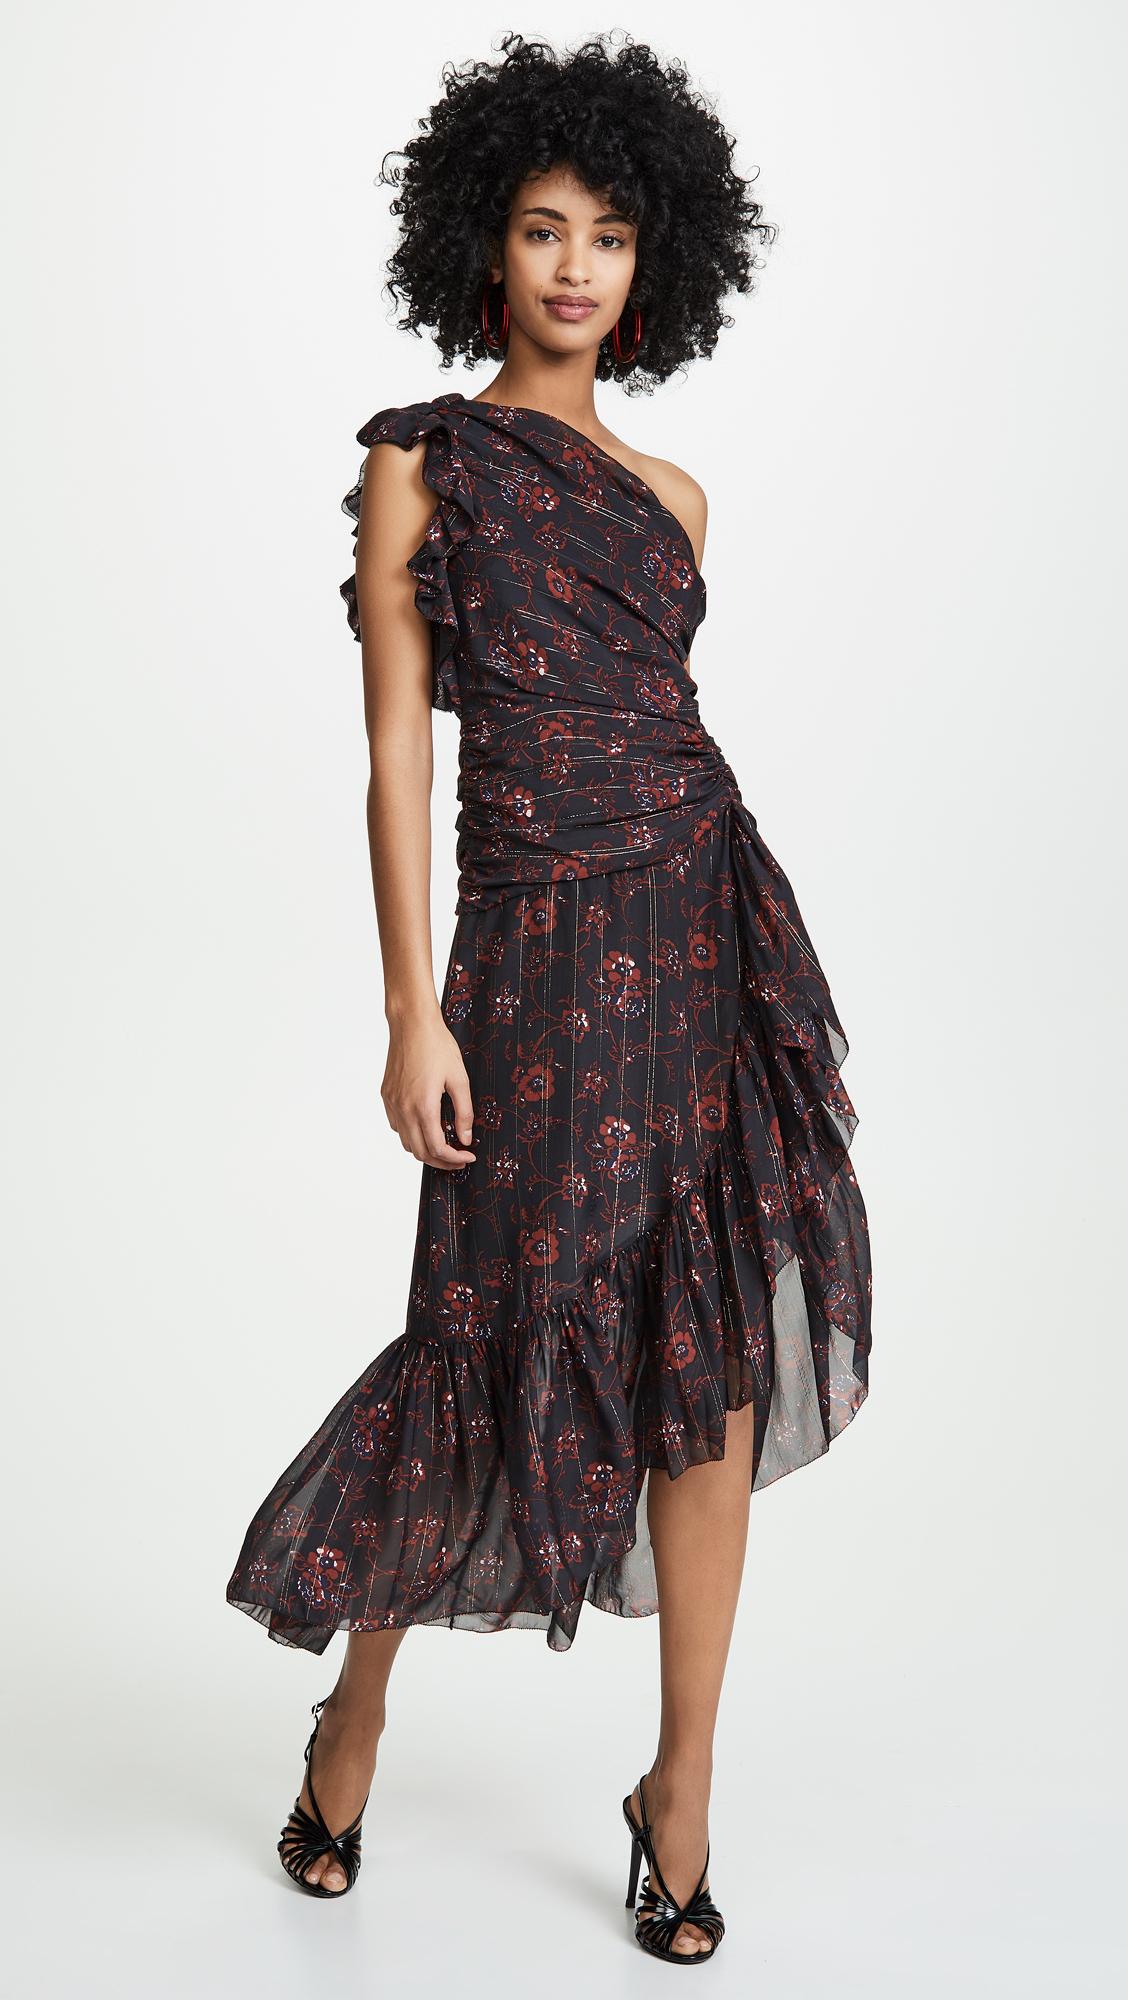 cb3c4a03e58 Ulla Johnson Belline Dress